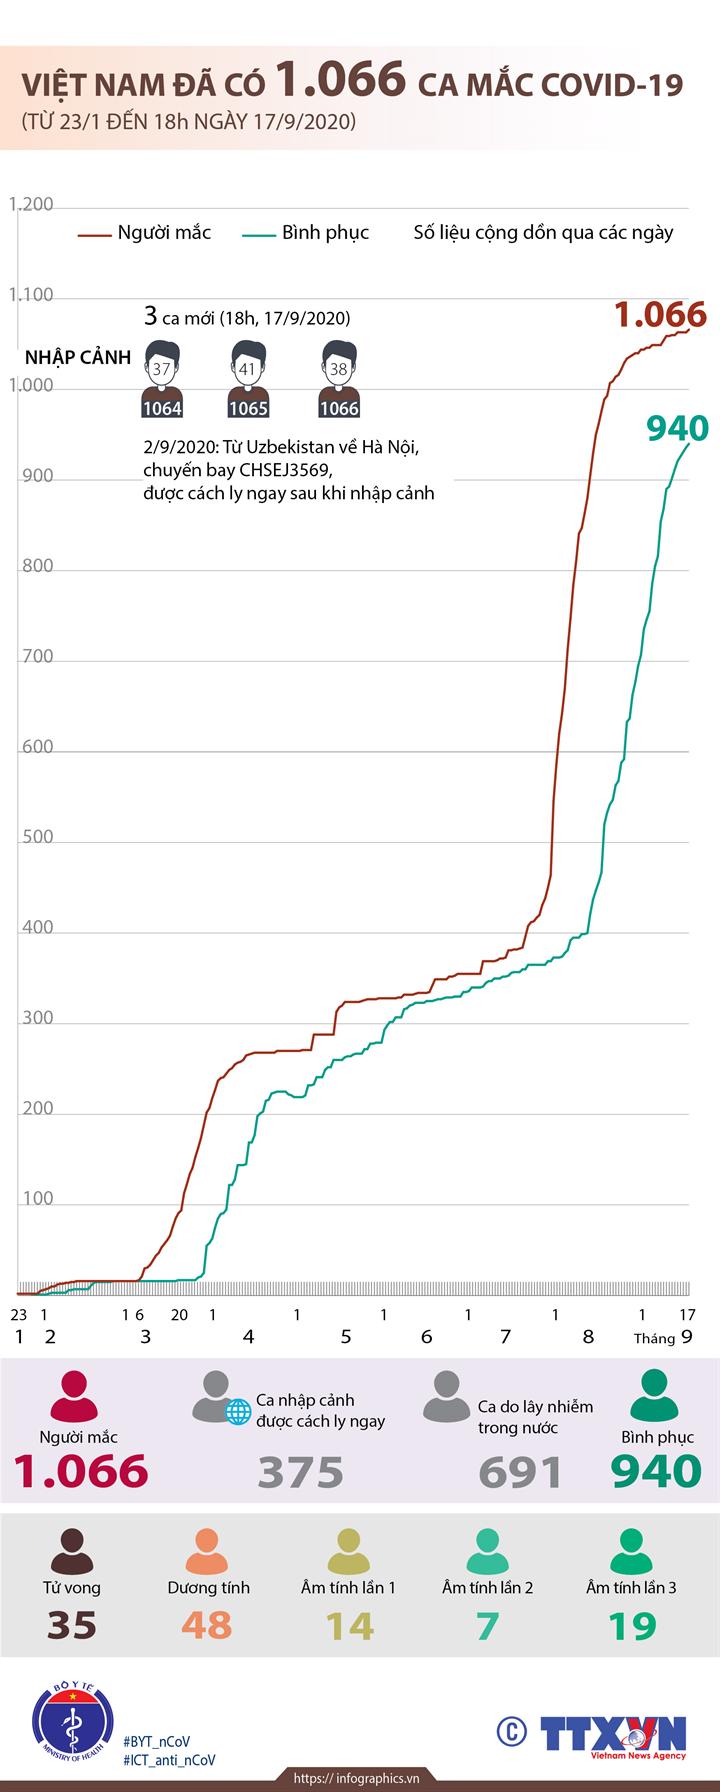 Việt Nam đã có 1.066 ca mắc COVID-19 (từ 23/1 đến 18h ngày 17/9/2020)